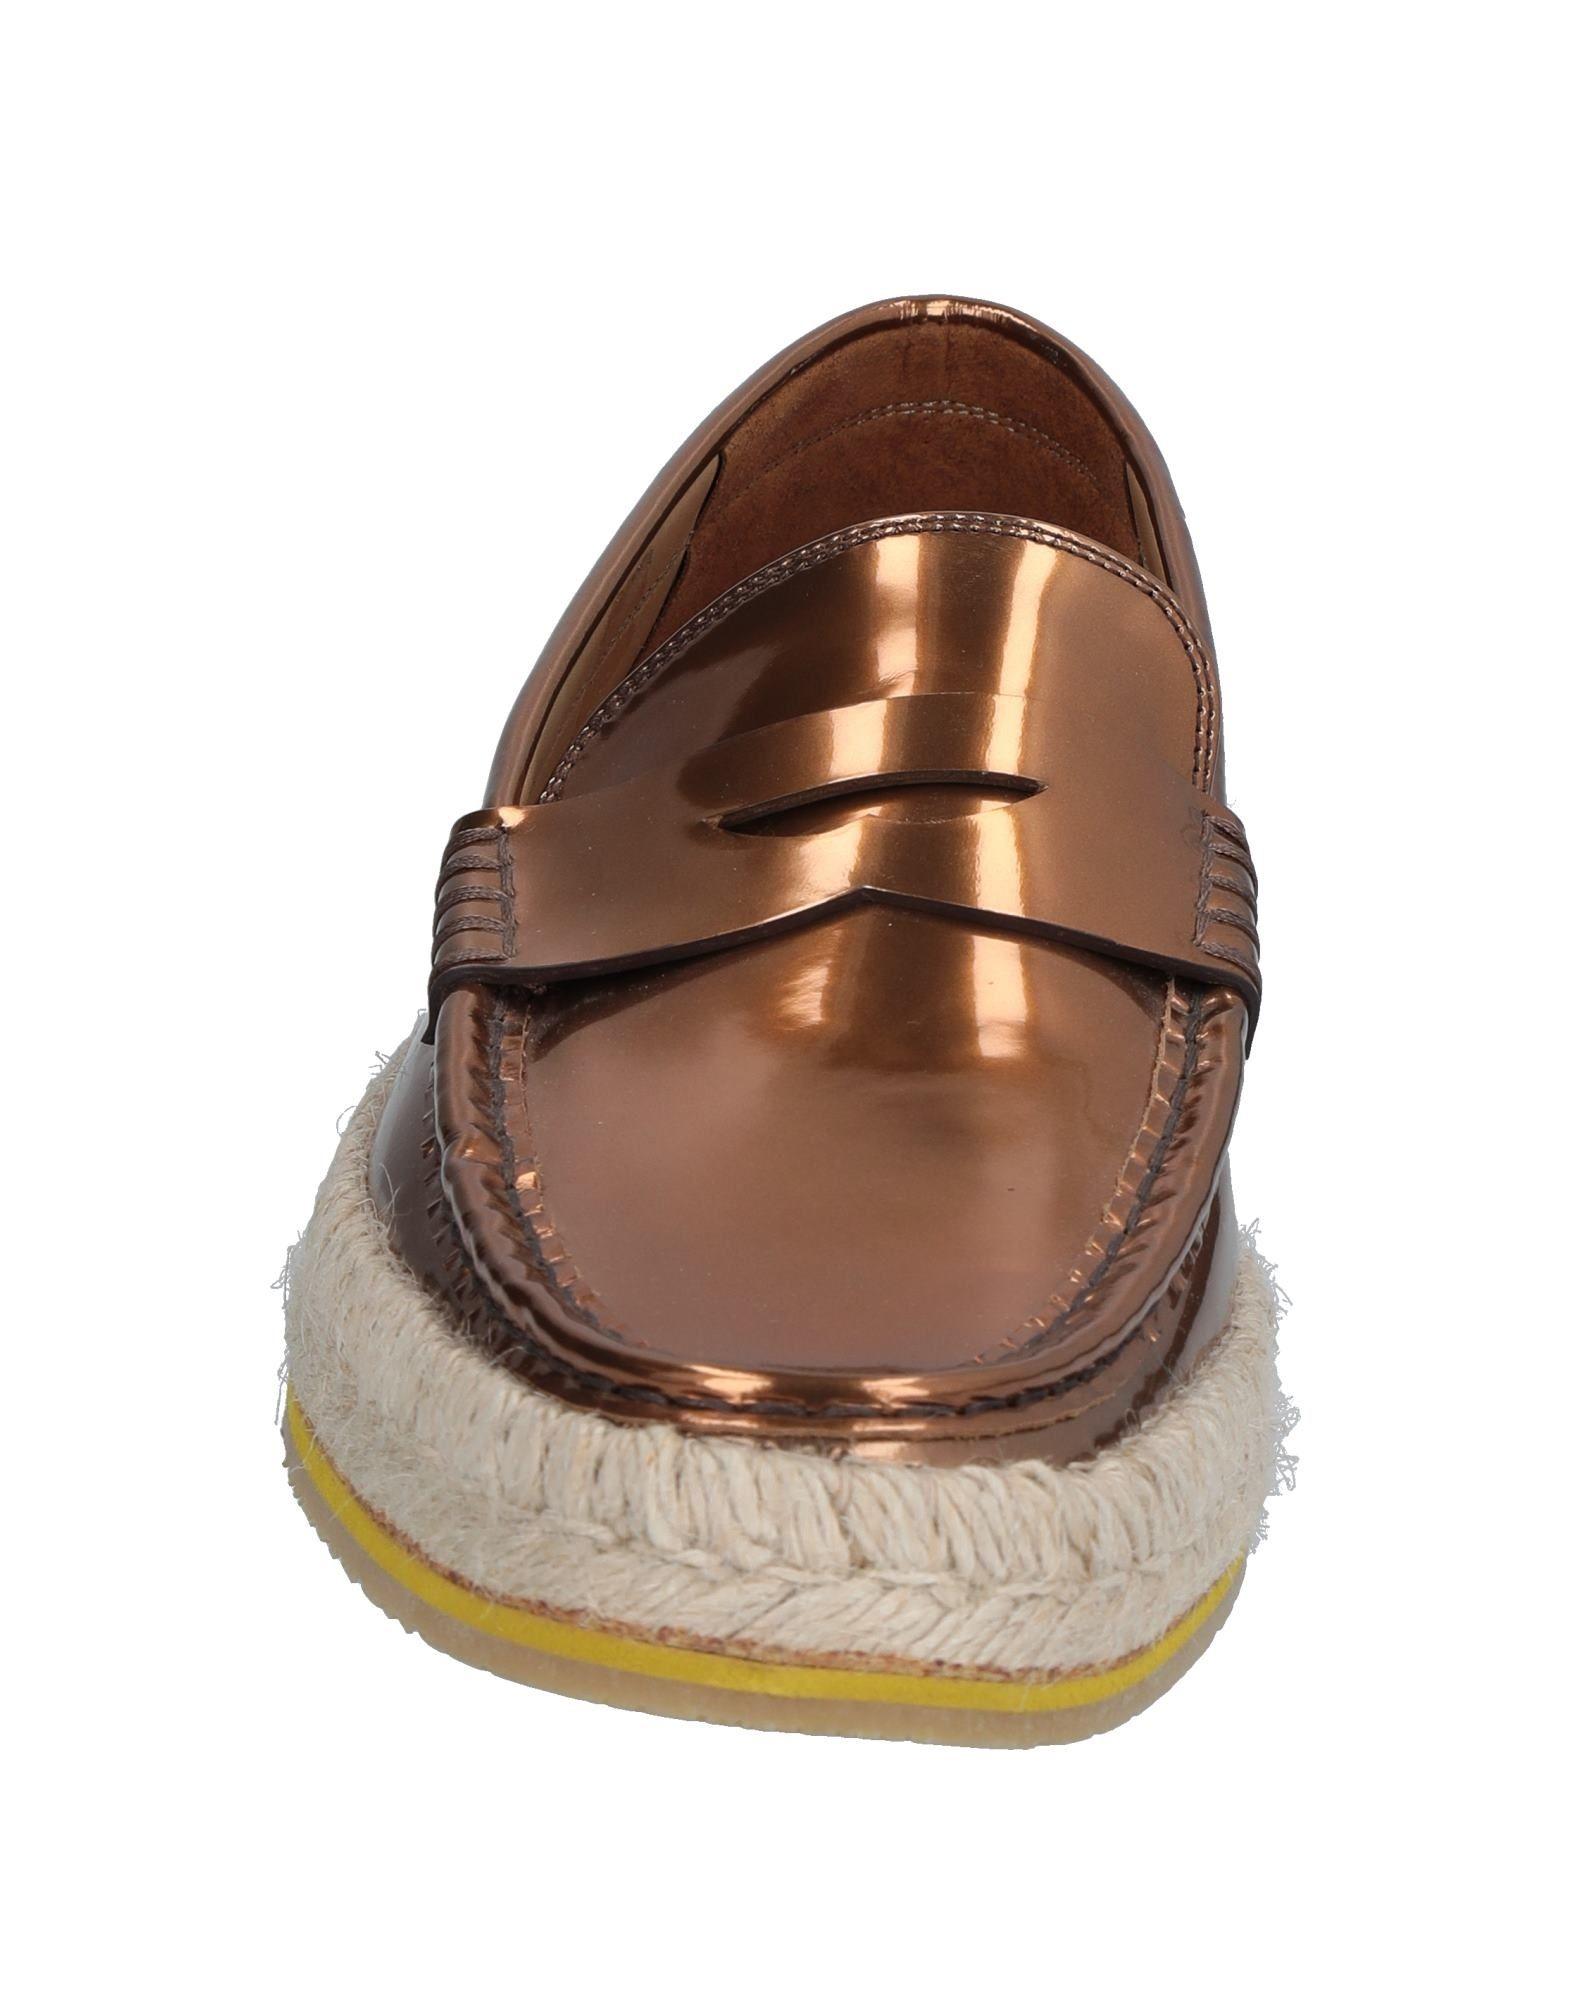 Etro Mokassins Herren beliebte  11523789RA Gute Qualität beliebte Herren Schuhe 83a10b